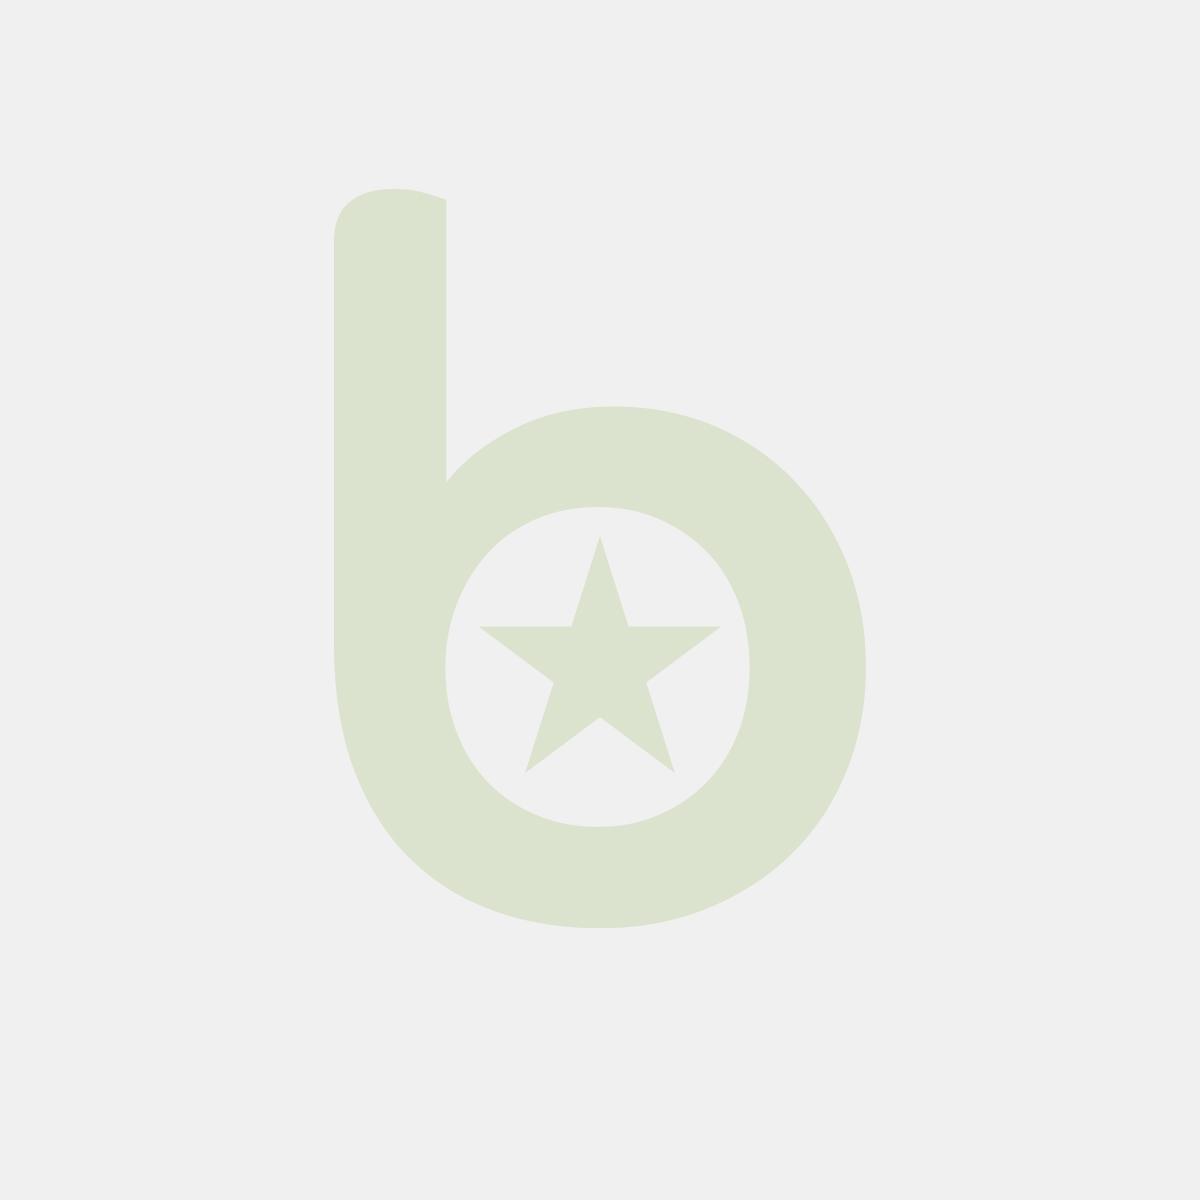 Płyta Grillowa Na Podstawie Z Trzech Stron Zamknietej - Elektryczna, 1/2 Gładka, 1/2 Ryflowana, Chromowana, Gładka Linia 700